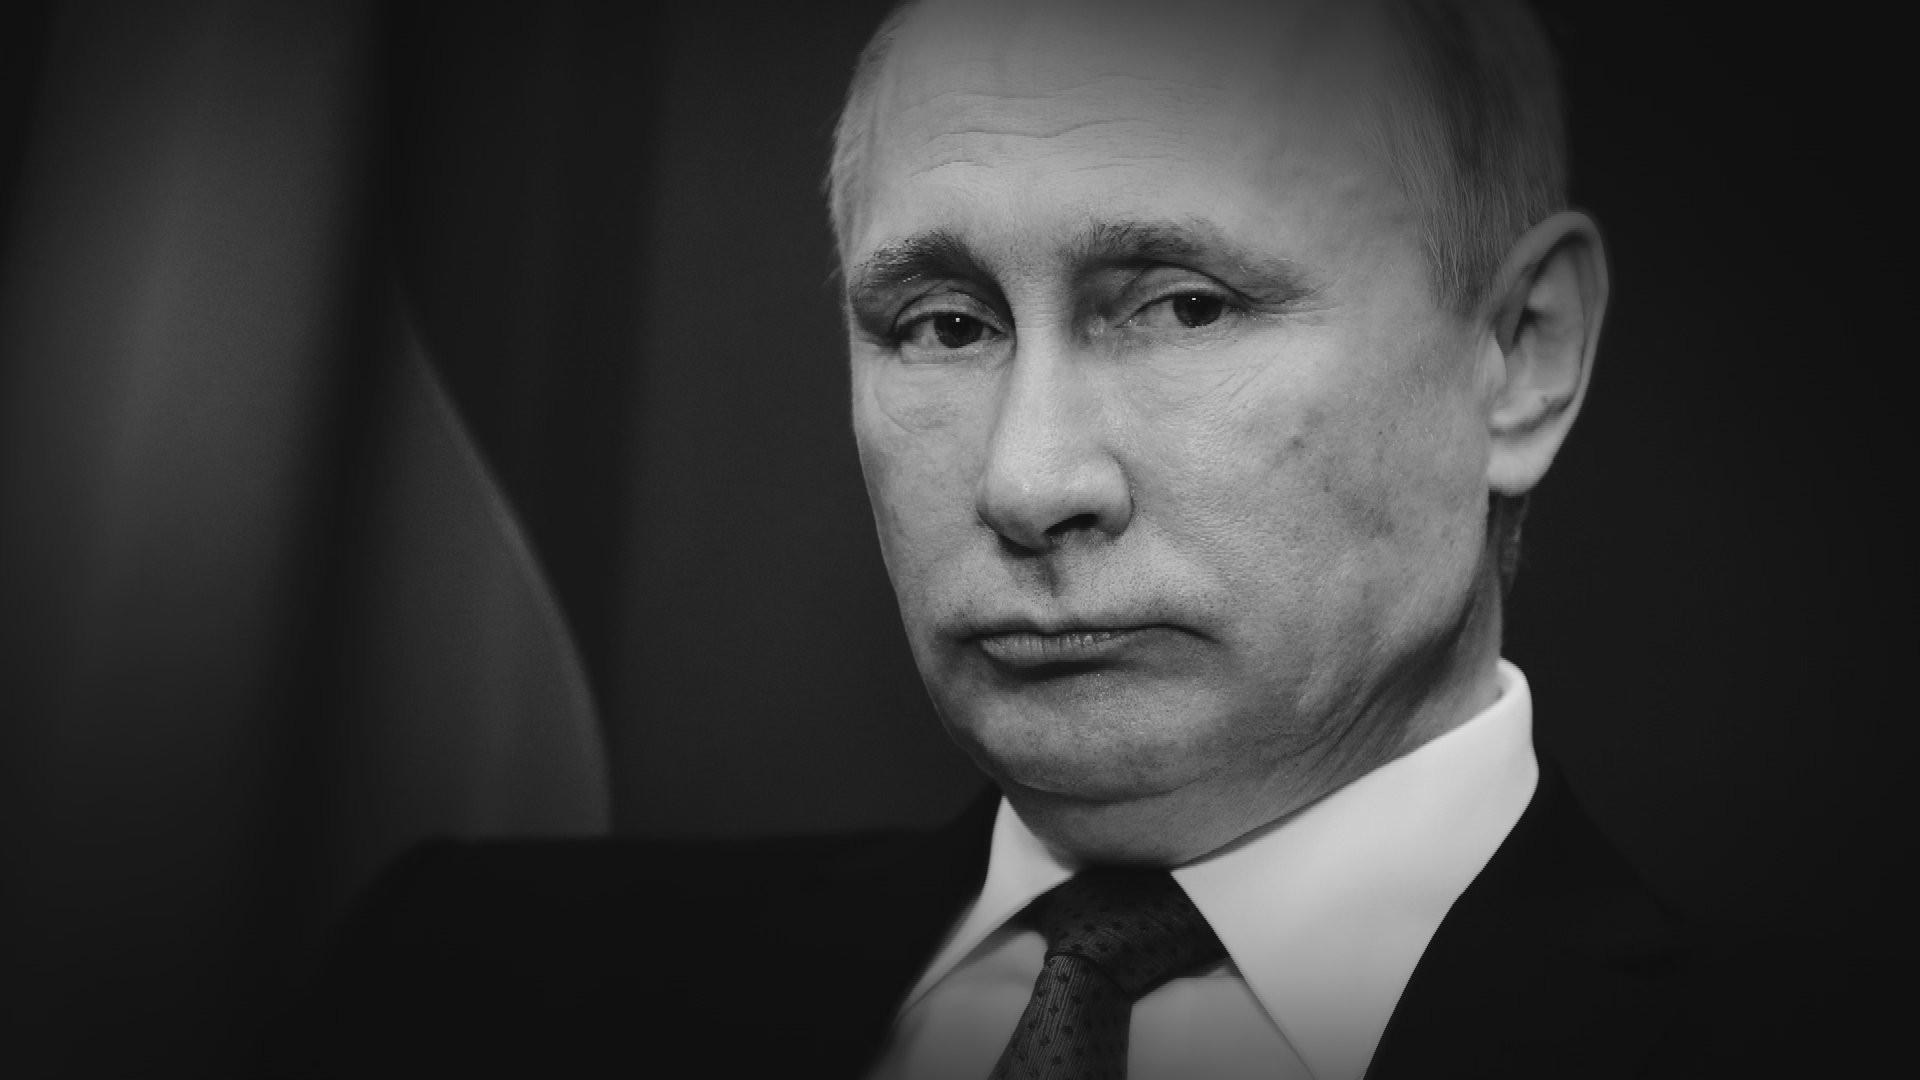 Vladimir Putin: Những khoảnh khắc cô đơn của người đàn ông thép - Ảnh 13.